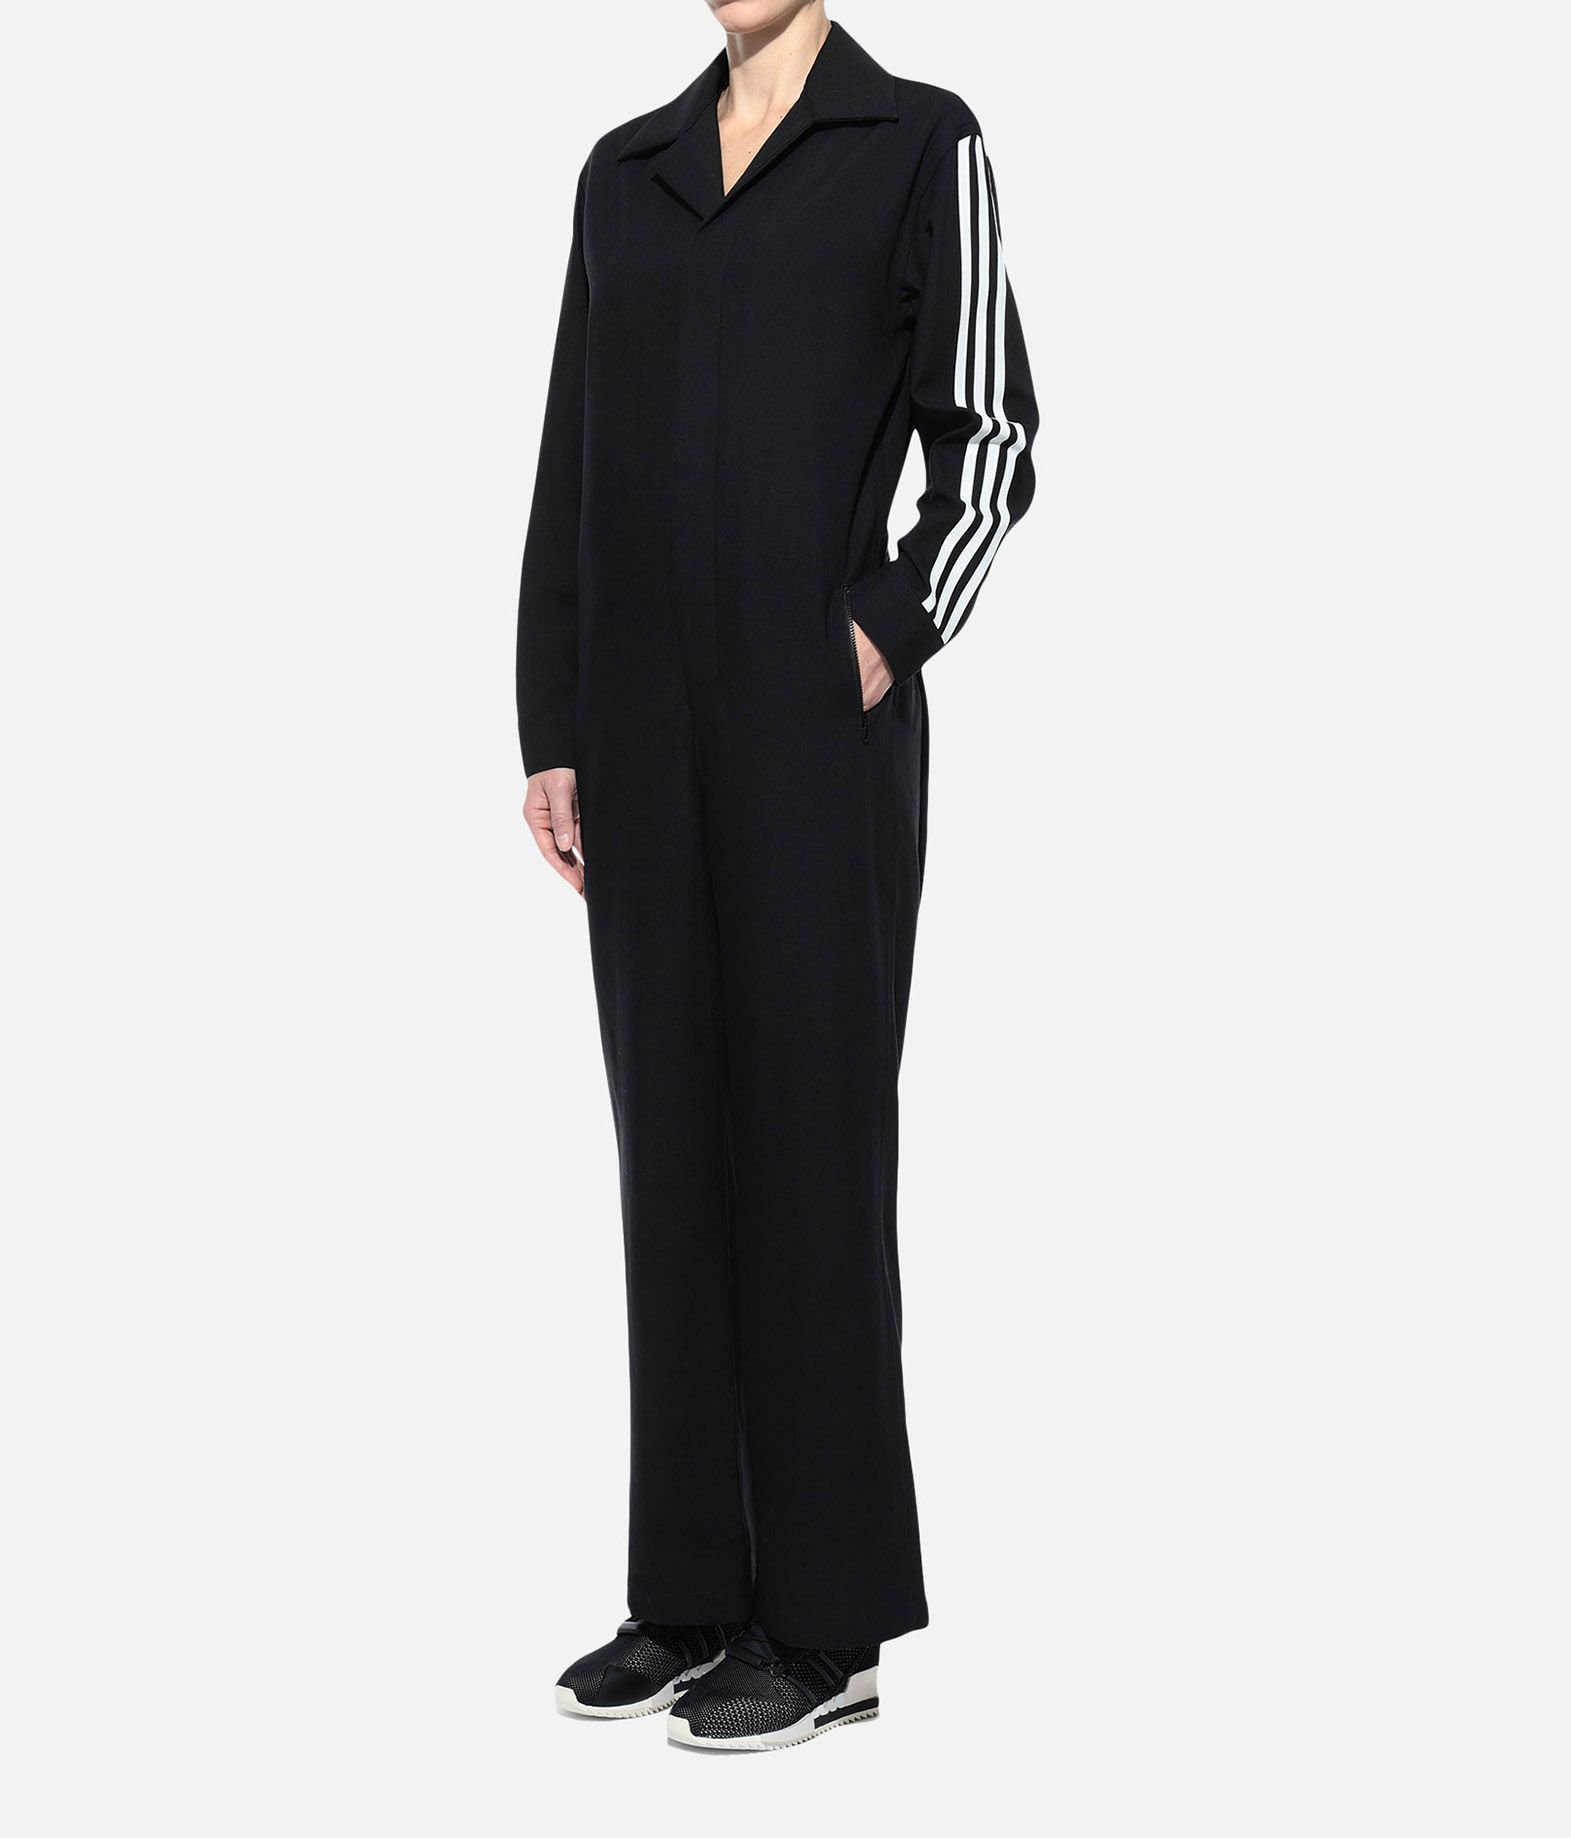 Y-3 Y-3 3-Stripes Jumpsuit  Romper suit Woman e